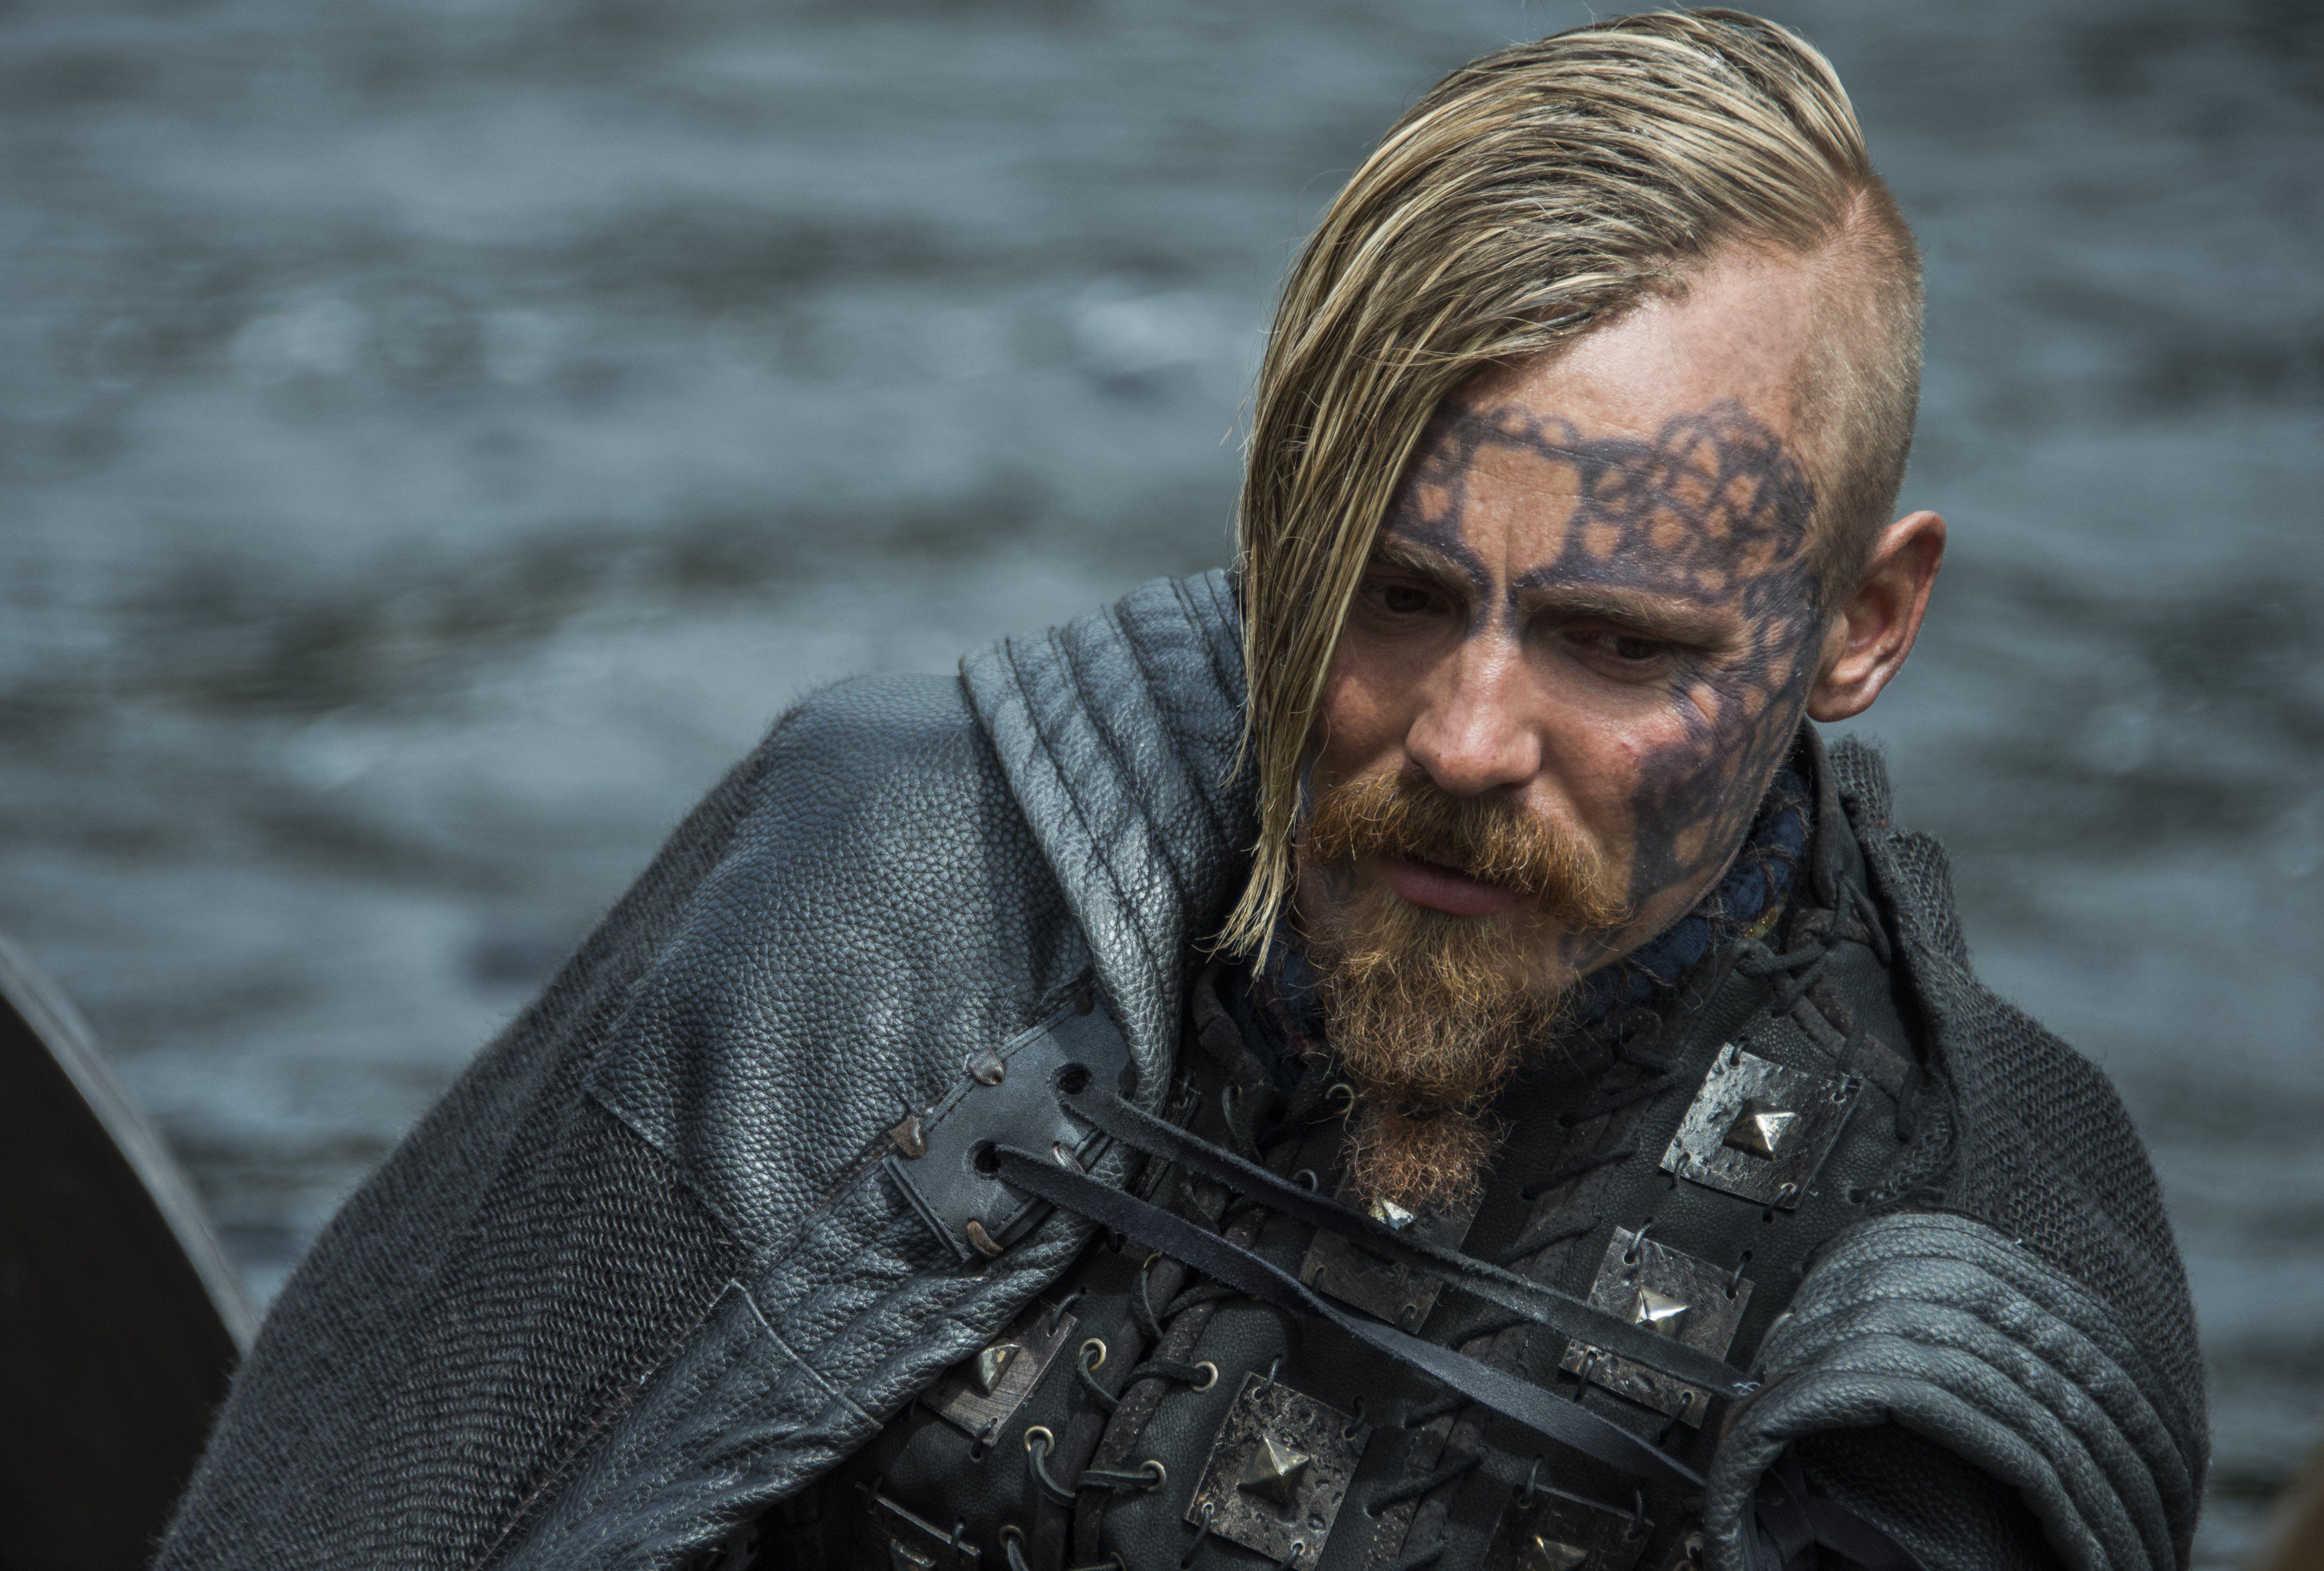 vikings - halfdan the black | Hairstyles | Wikinger, Vikings ...